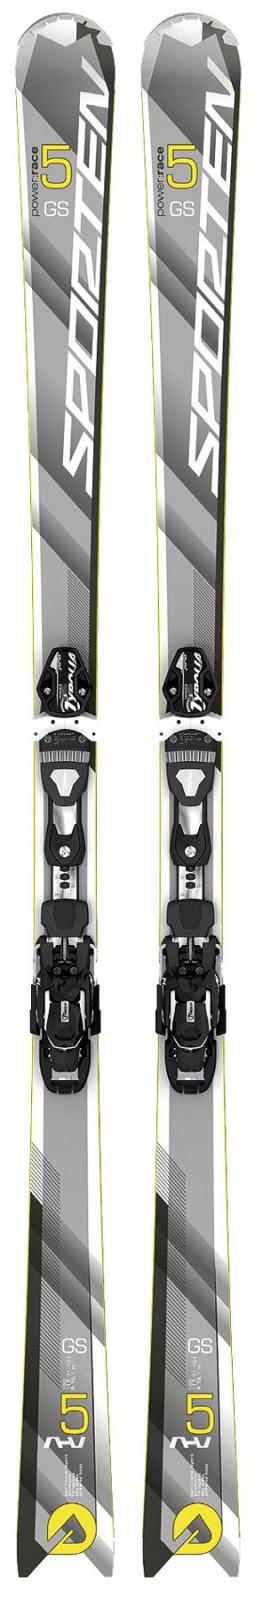 sjezdové lyže Sporten AHV 05 GS